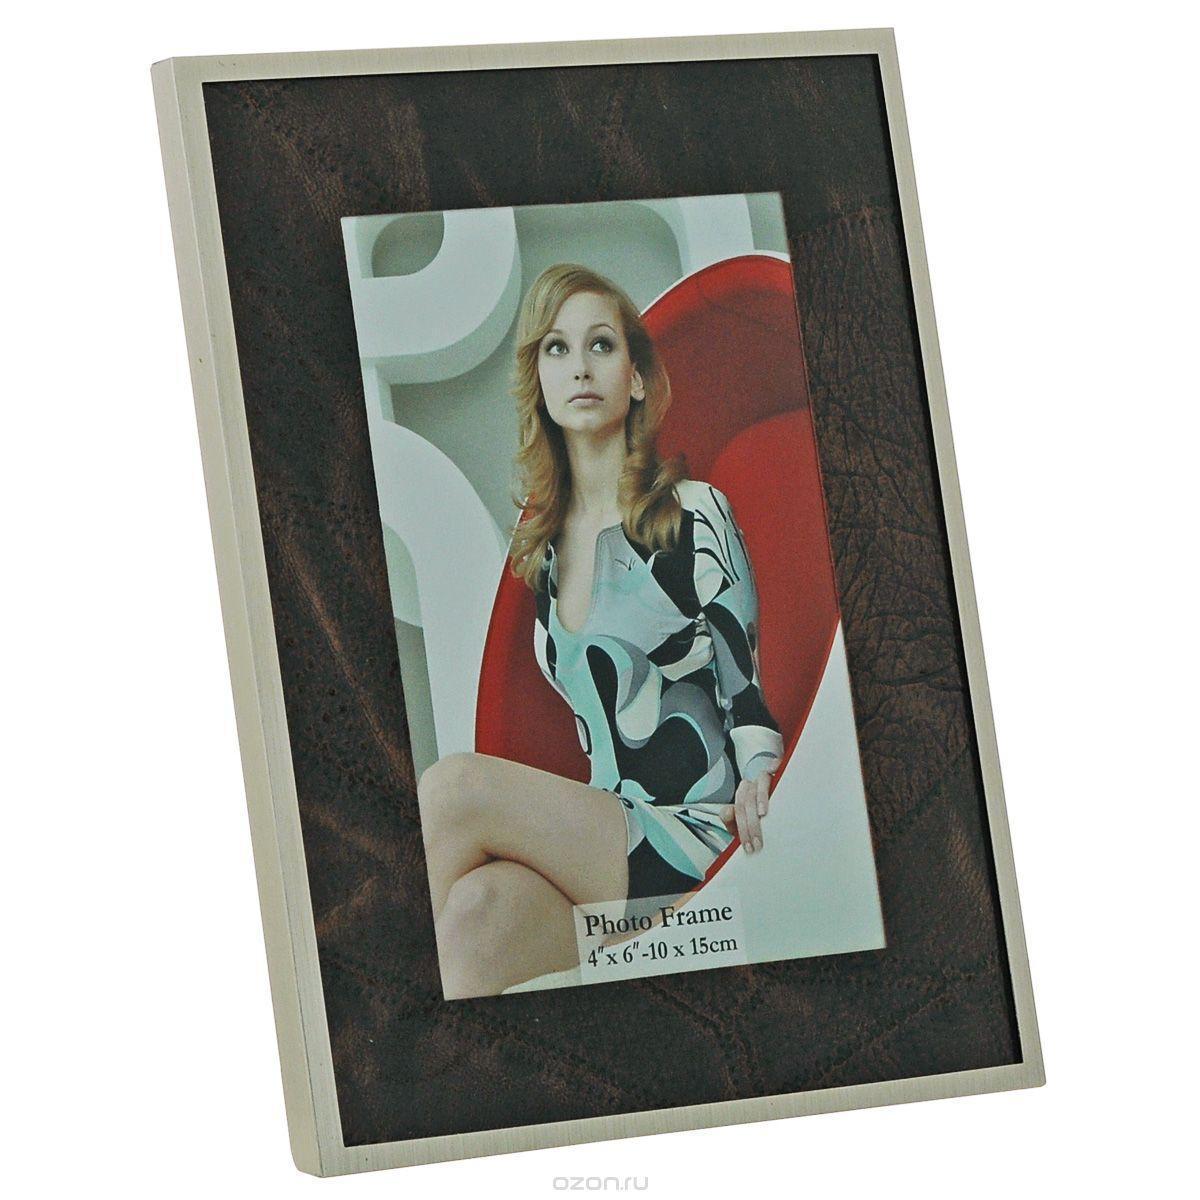 ФоторамкаImage Art 6035-4G6035-4GФоторамка Image Art - прекрасный способ красиво оформить ваши фотографии. Изделие рассчитано на 2 фотографии. Фоторамка выполнена из металла и защищена стеклом. Фоторамку можно поставить на стол или подвесить на стену, для чего с задней стороны предусмотрены специальные отверстия. Такая фоторамка поможет сохранить на память самые яркие моменты вашей жизни, а стильный дизайн сделает ее прекрасным дополнением интерьера.